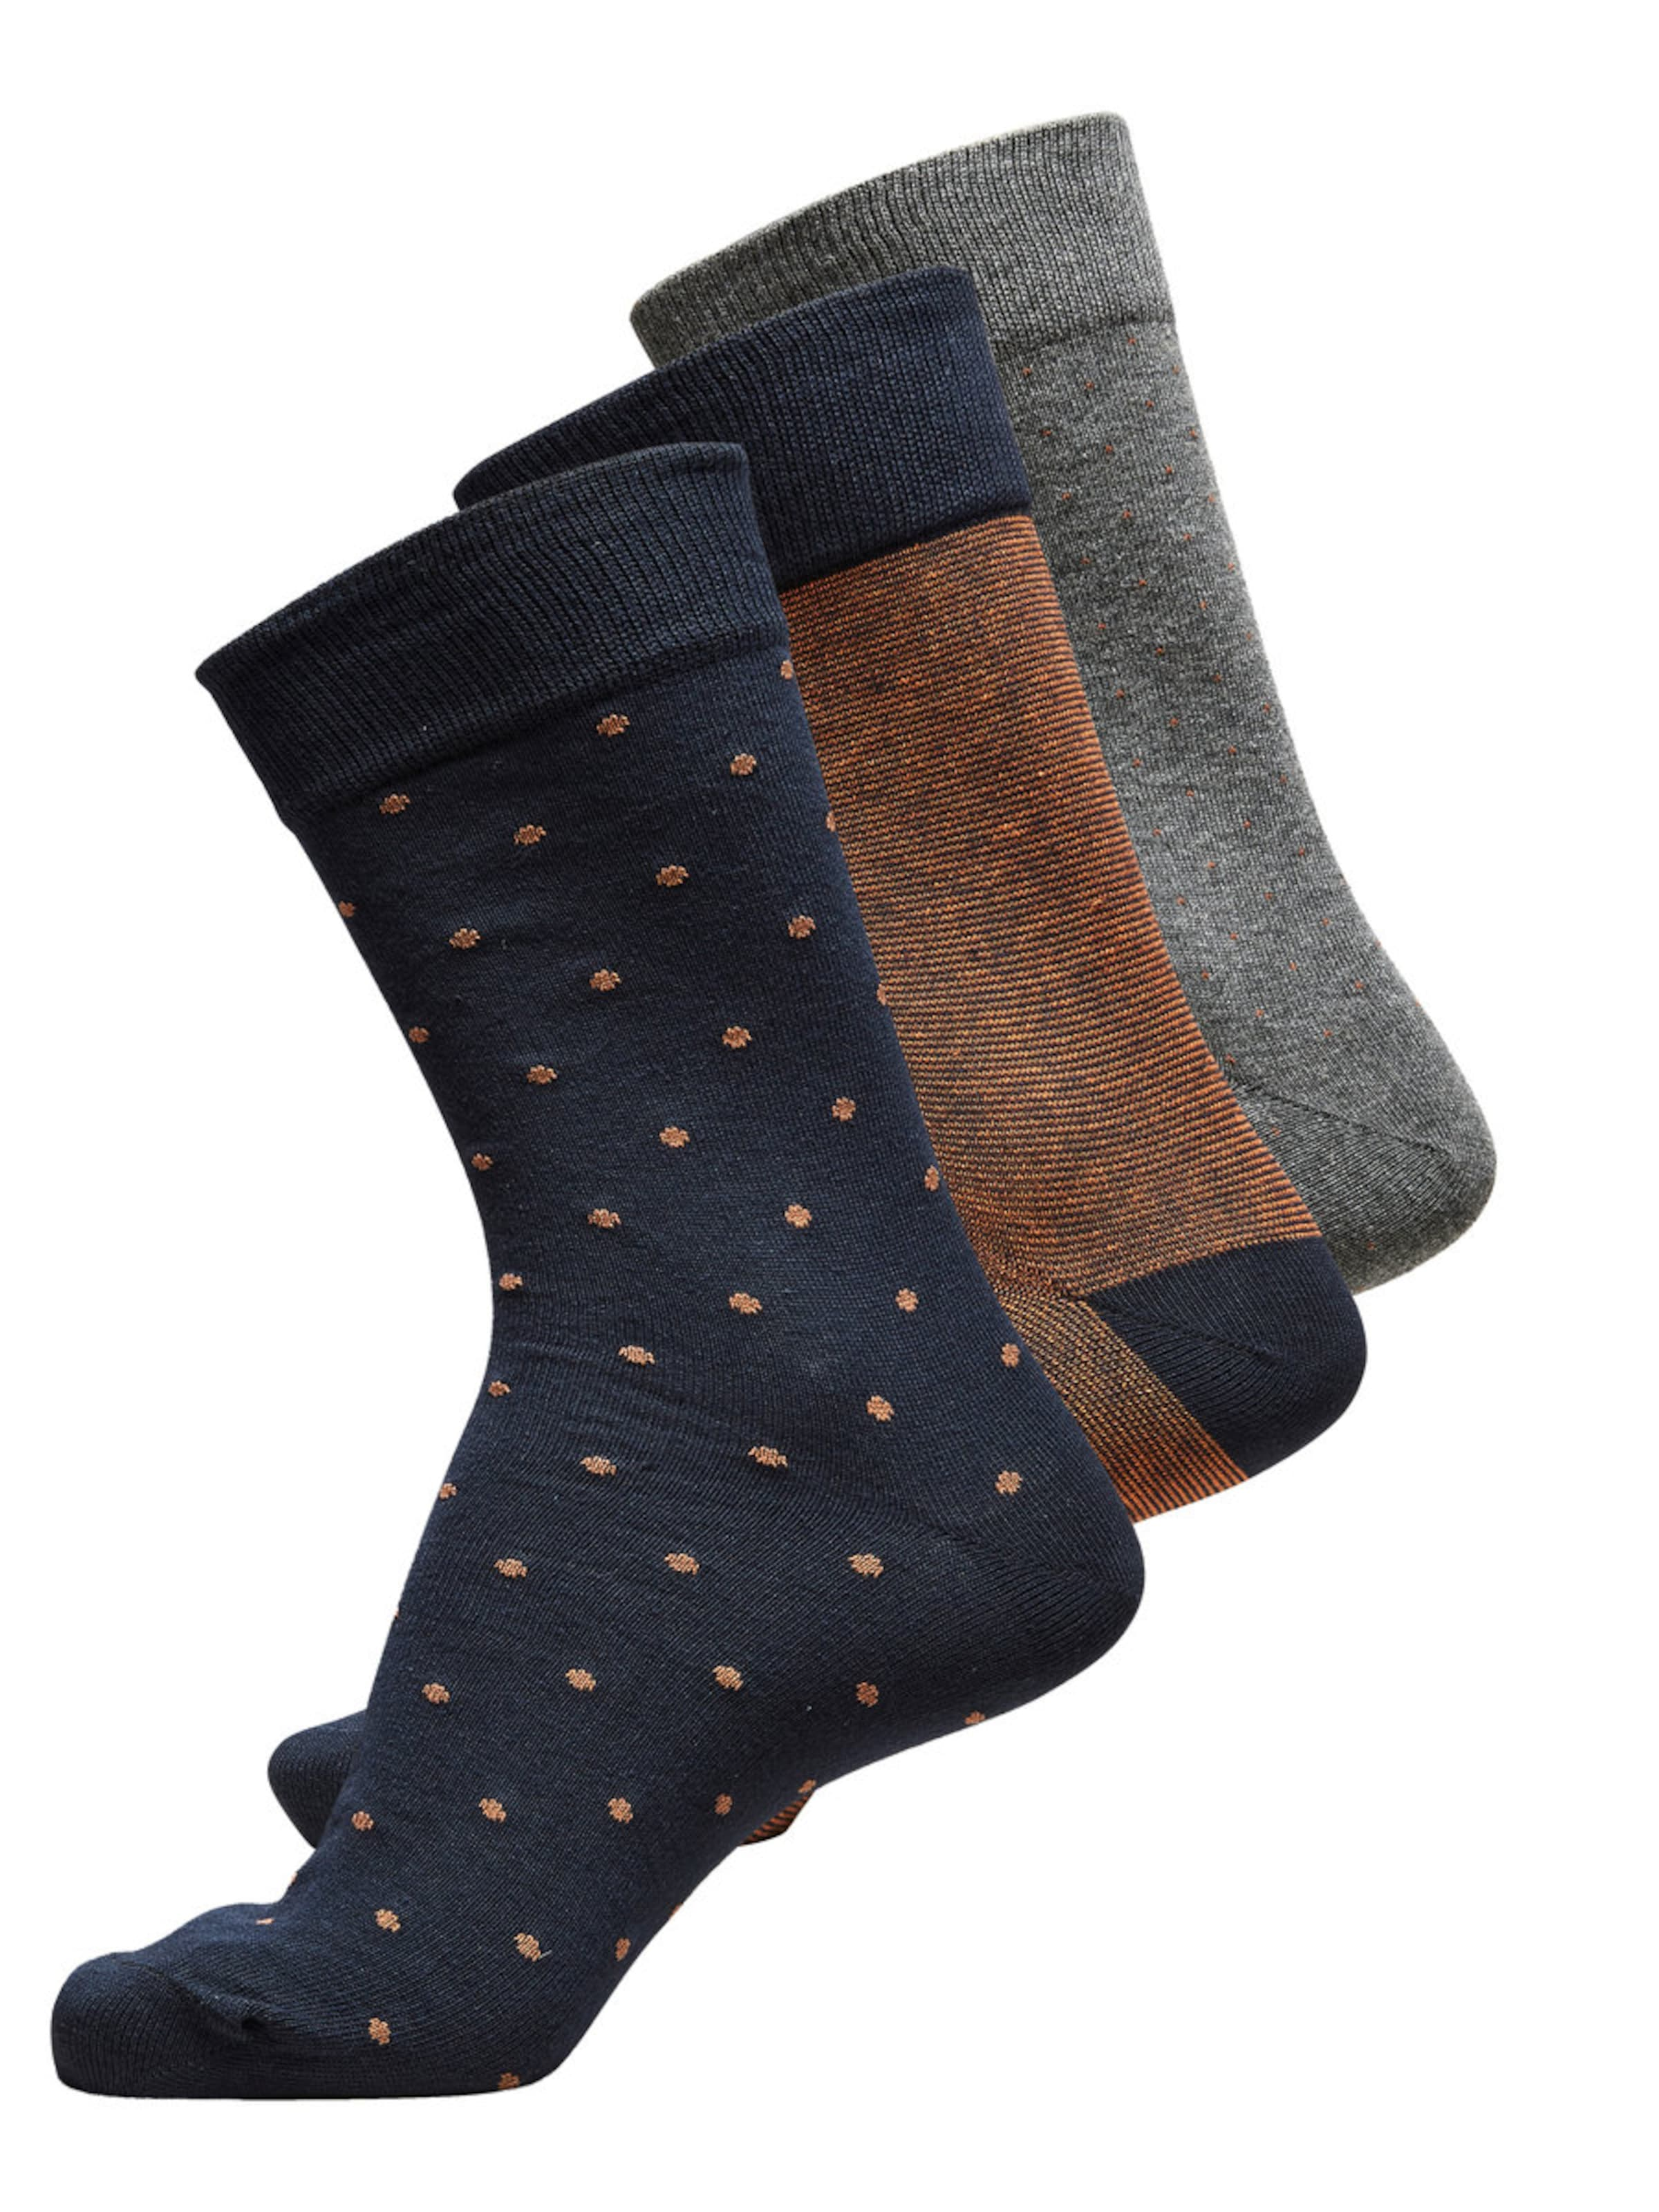 Finish Verkauf Online SELECTED HOMME 3er-Pack Socken Billig Für Billig Verkauf In Deutschland Verkauf Mit Kreditkarte Freies Verschiffen Preiswerteste JaB2I